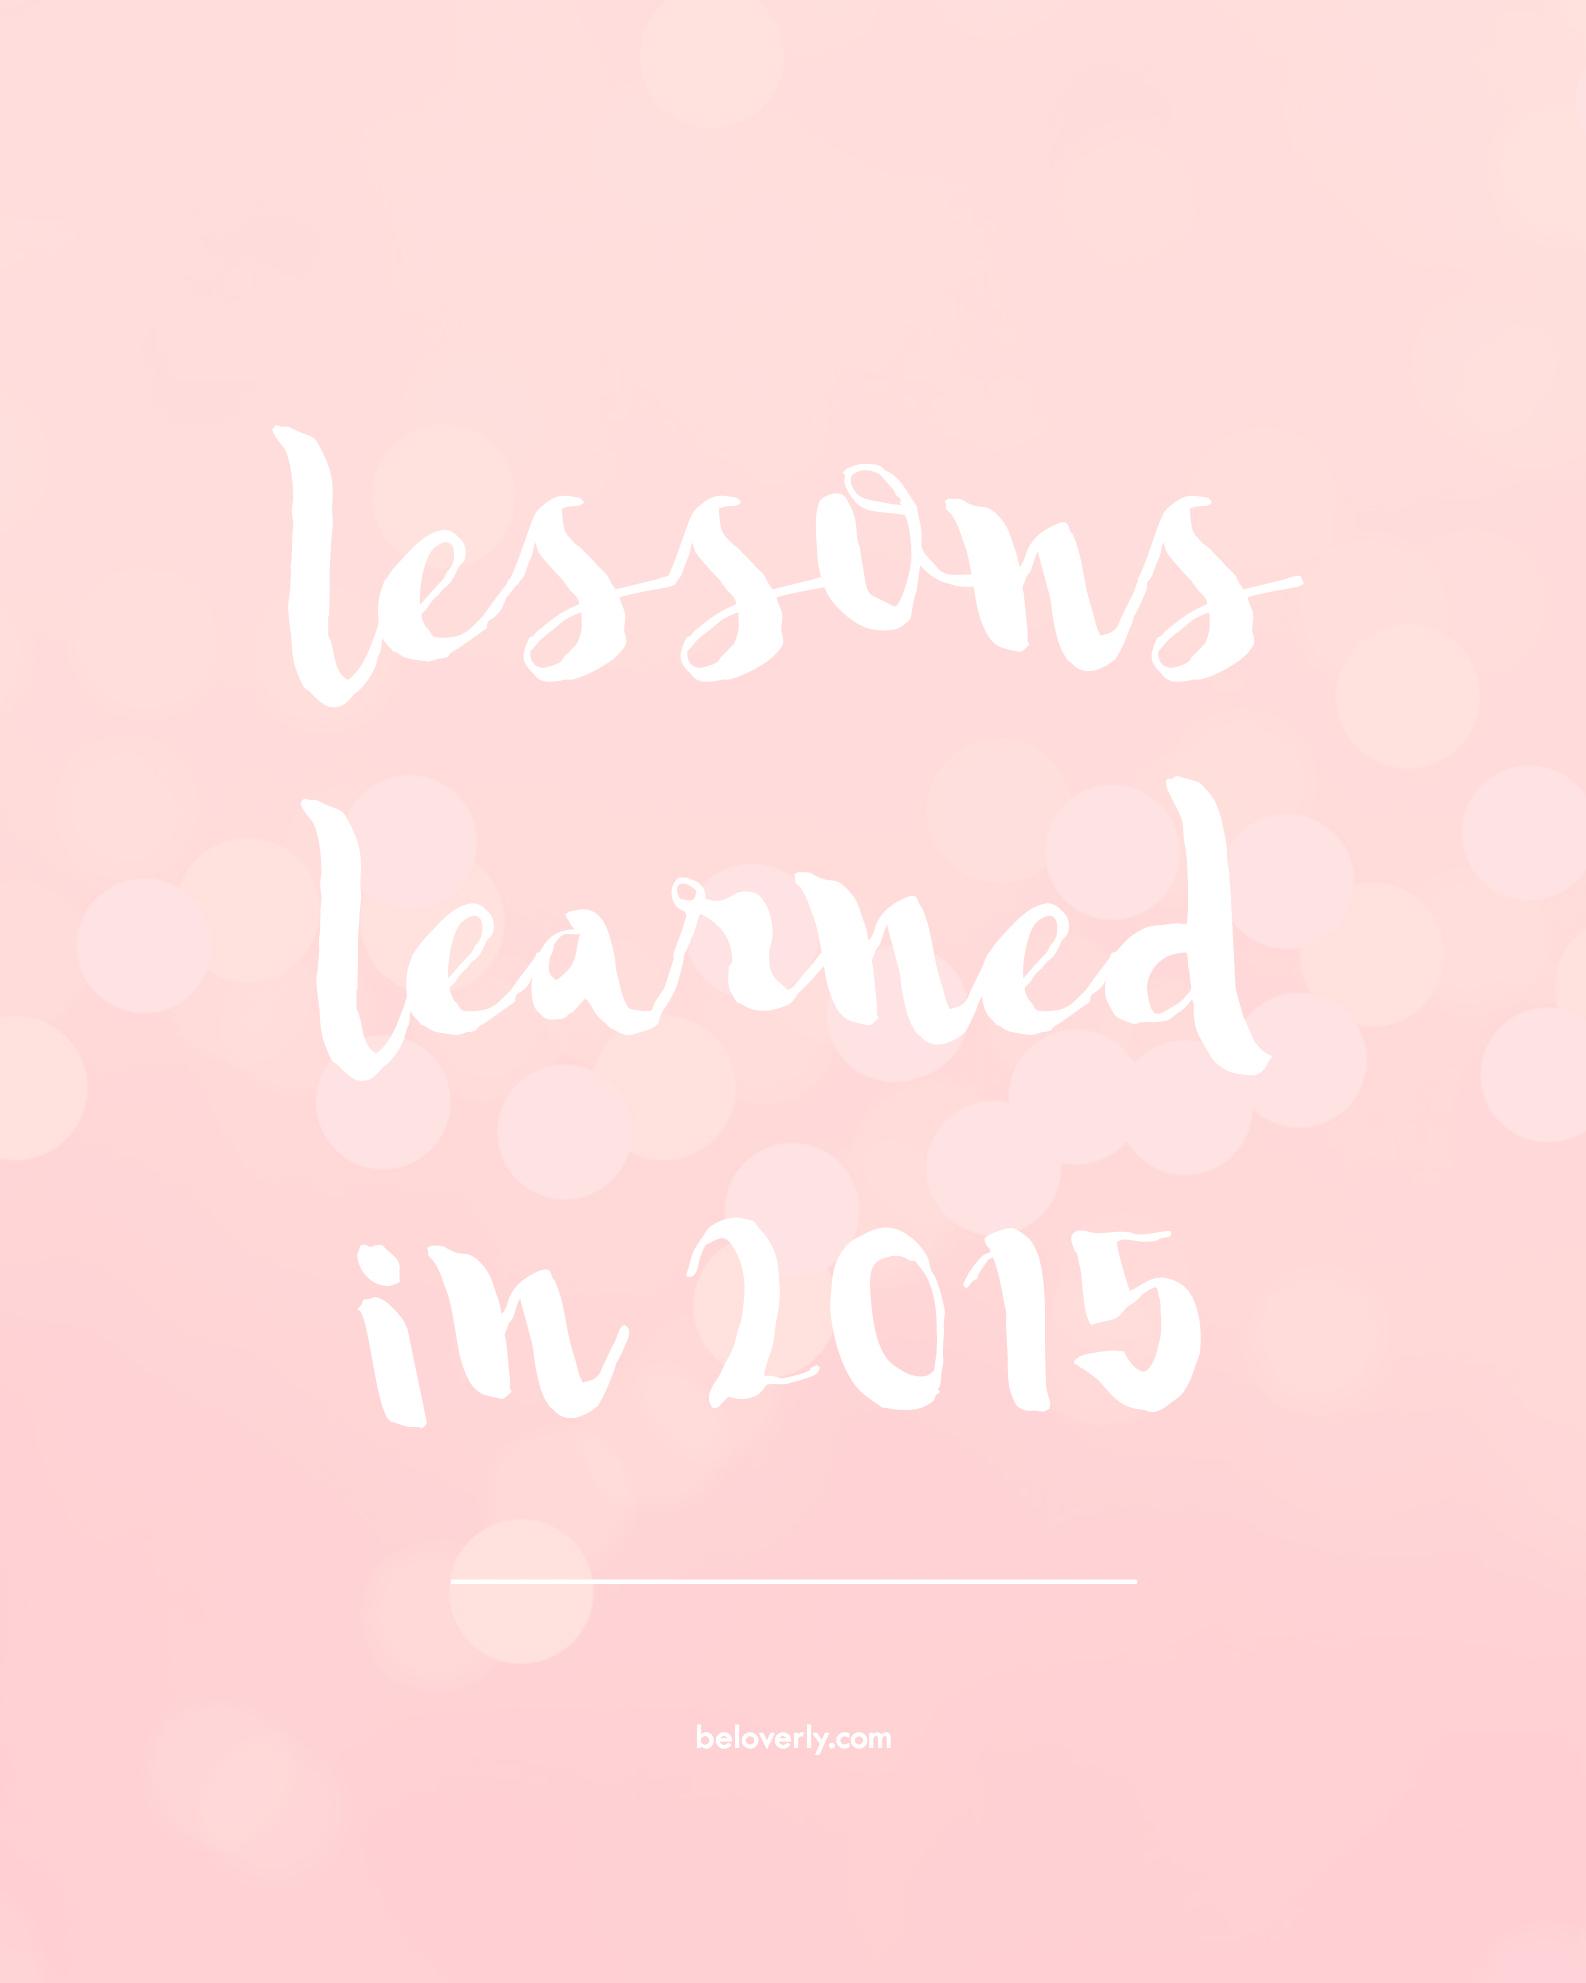 lessonslearnedin2015